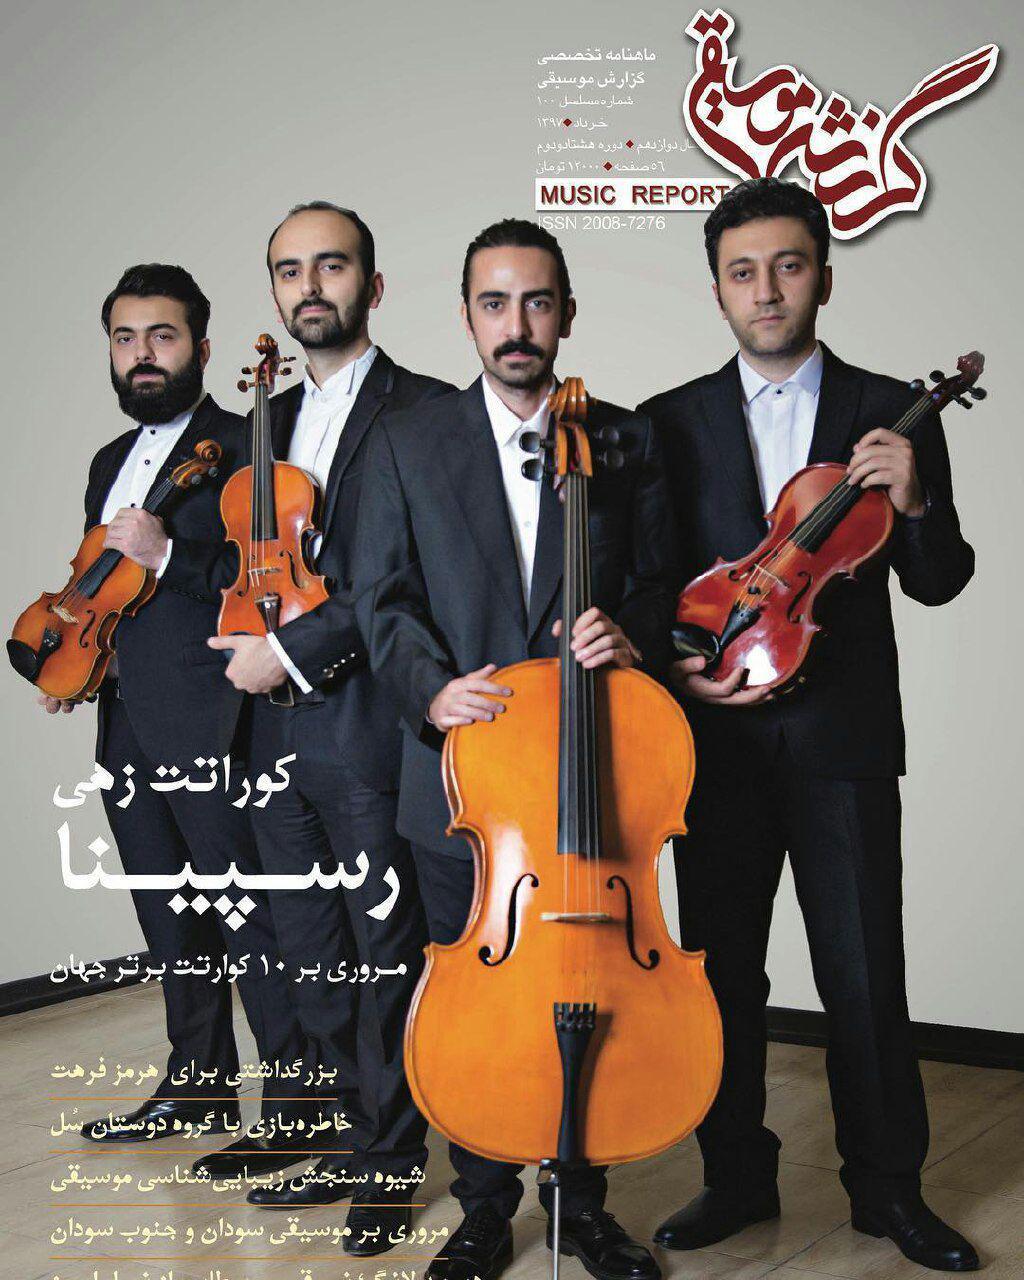 مصاحبه گزارش موسیقی با آرش اسدنژاد، آرمین قضاتی و دانیال جورابچی